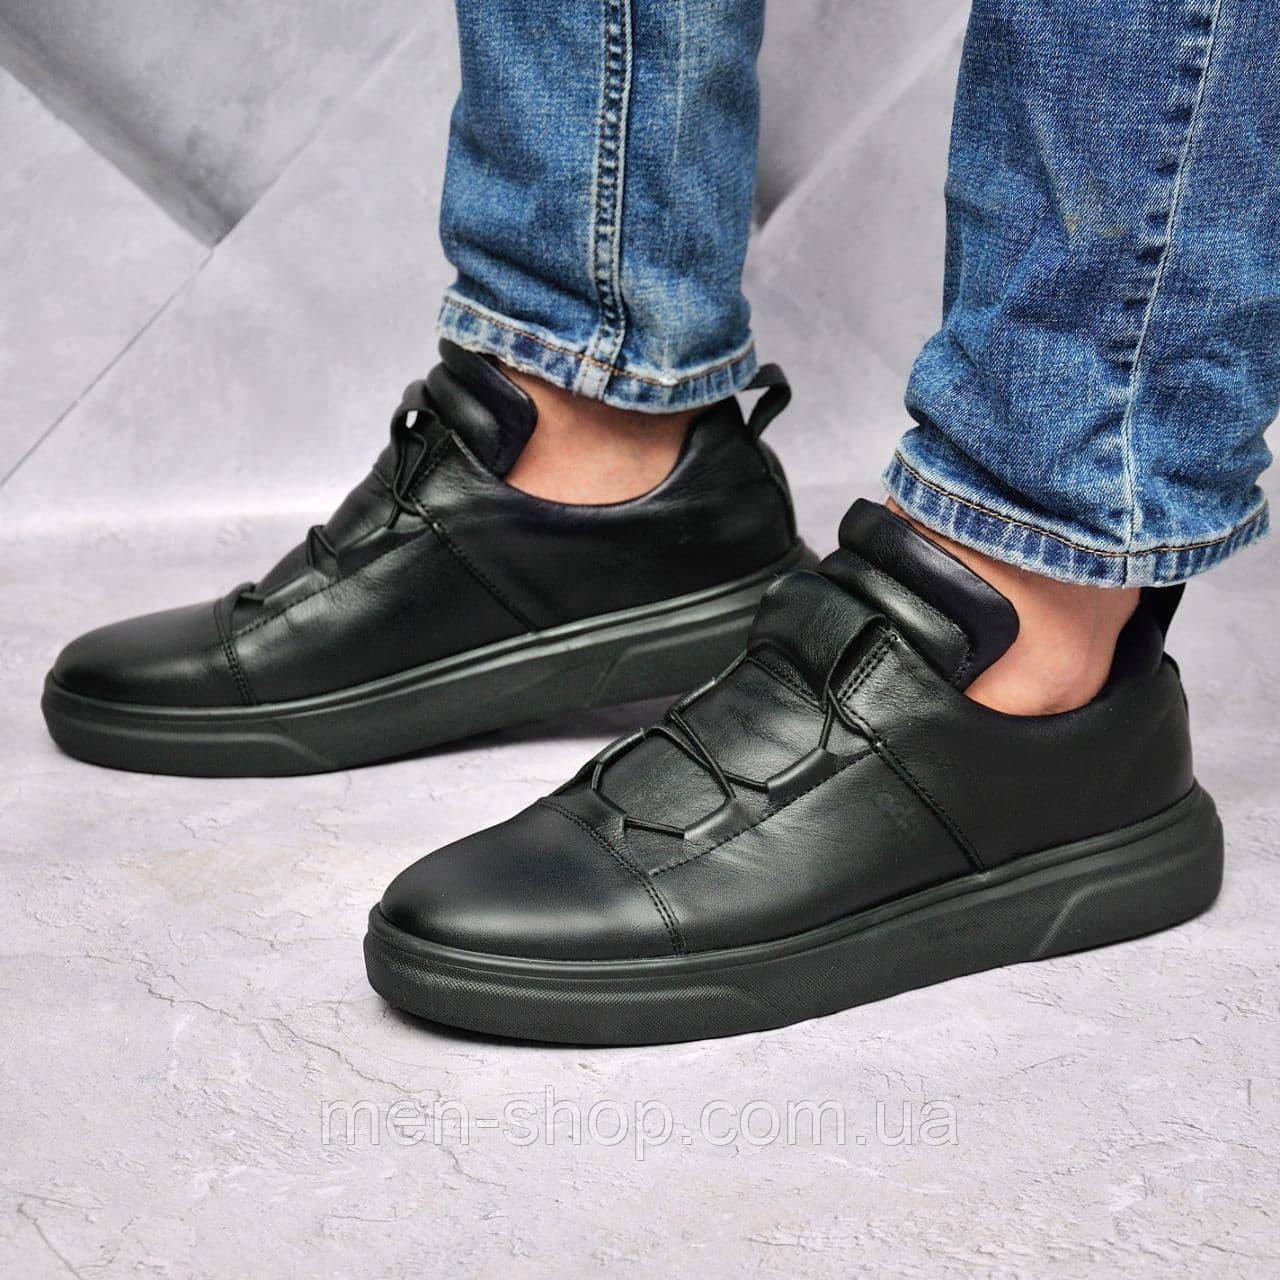 Чоловічі шкіряні кросівки Edge